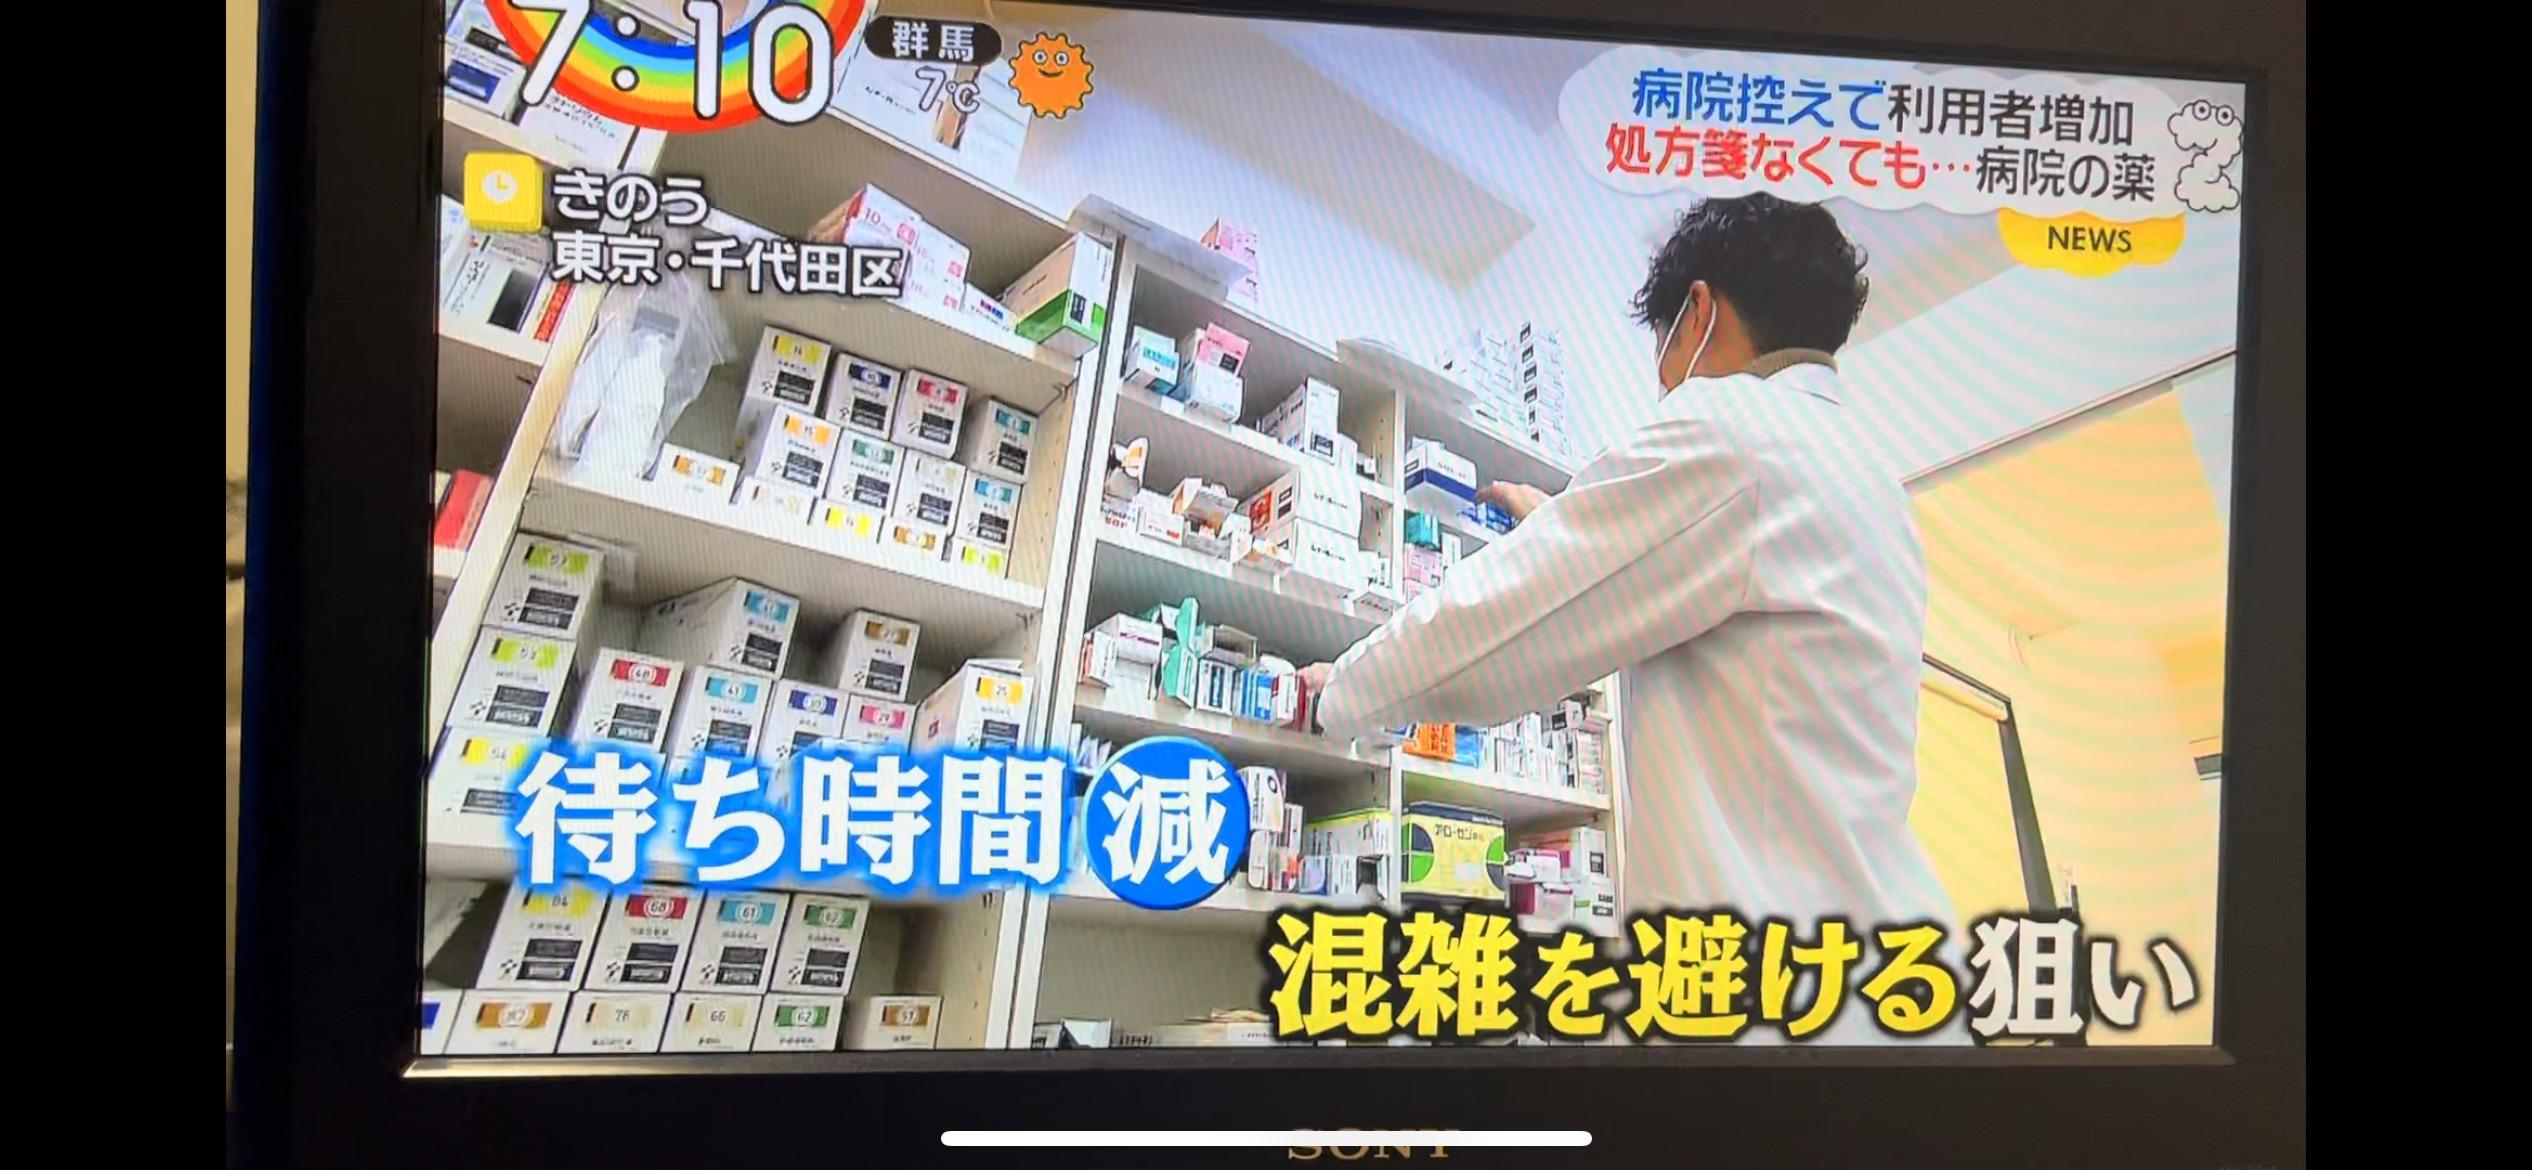 セルフケア薬局飯田橋店_オンライン問診_ZIP_放送